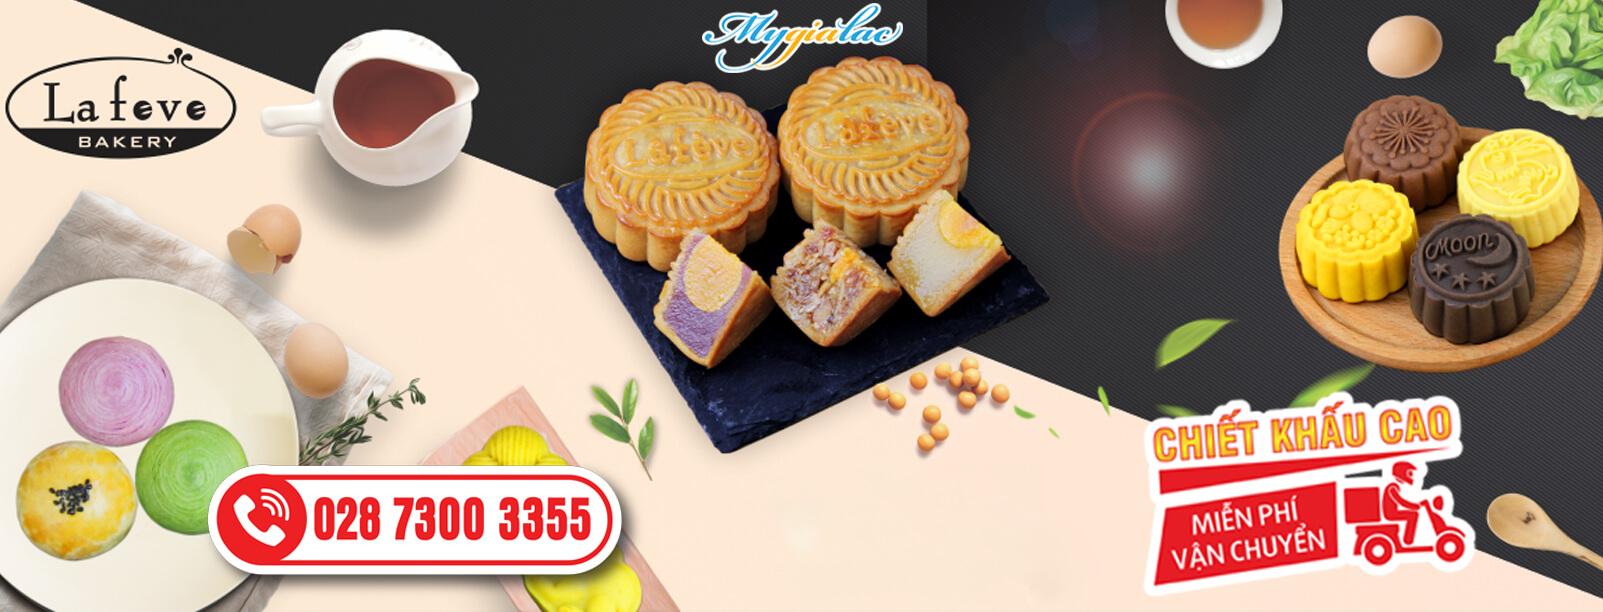 Bánh Trung Thu Lafeve